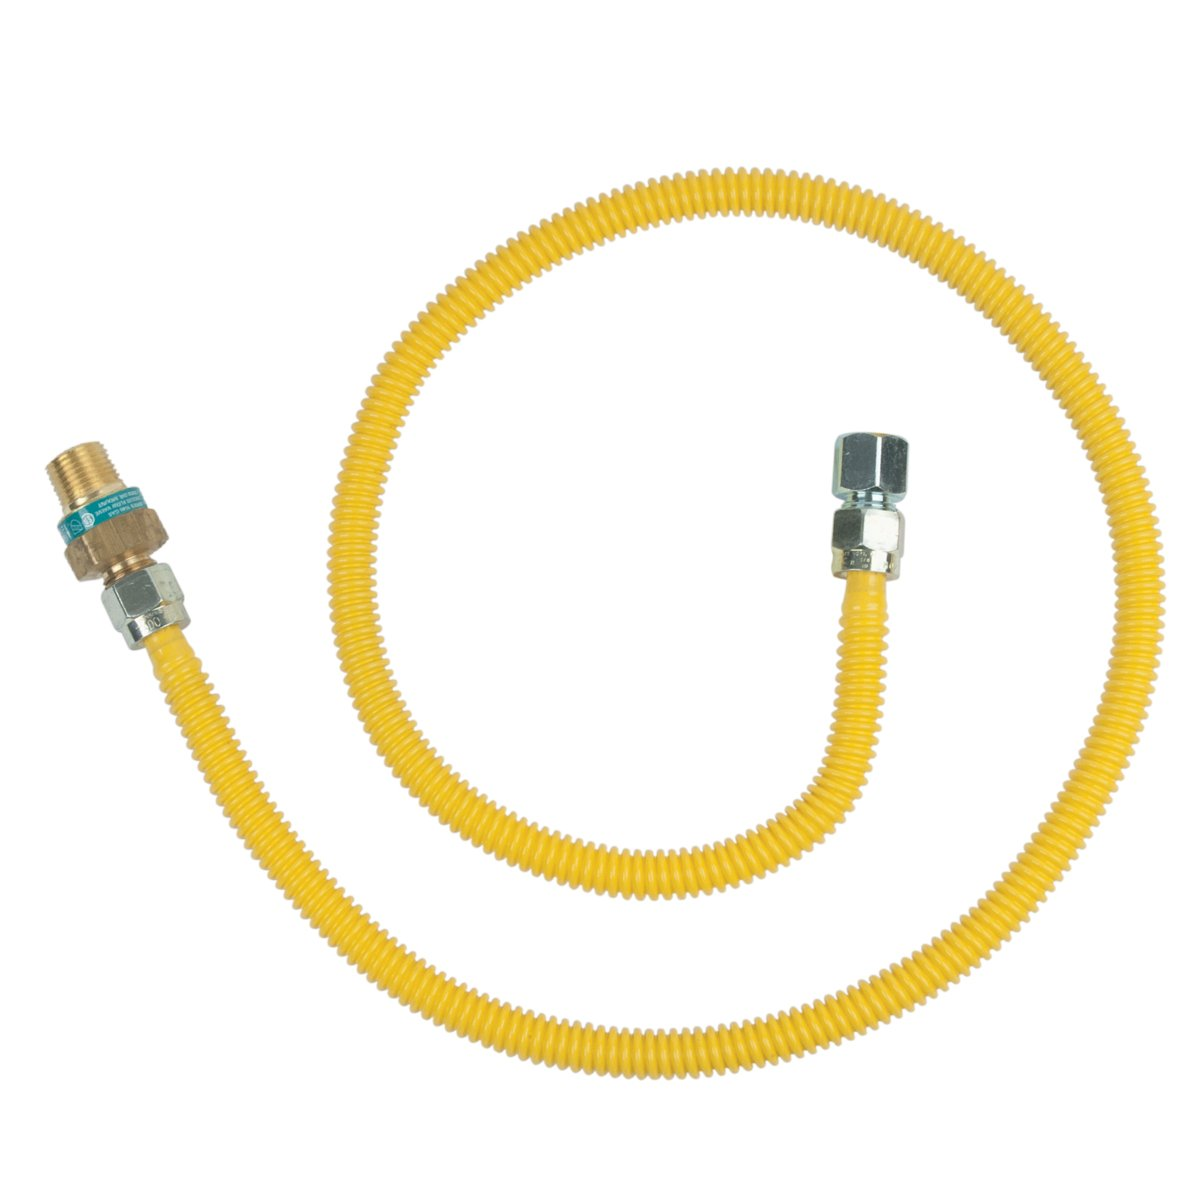 BrassCraft CSSD45R-48 P Safety PLUS Gas Appliance 1/2'' OD Connector with 1/2'' MIP EFV x 1/2'' FIP x 48''